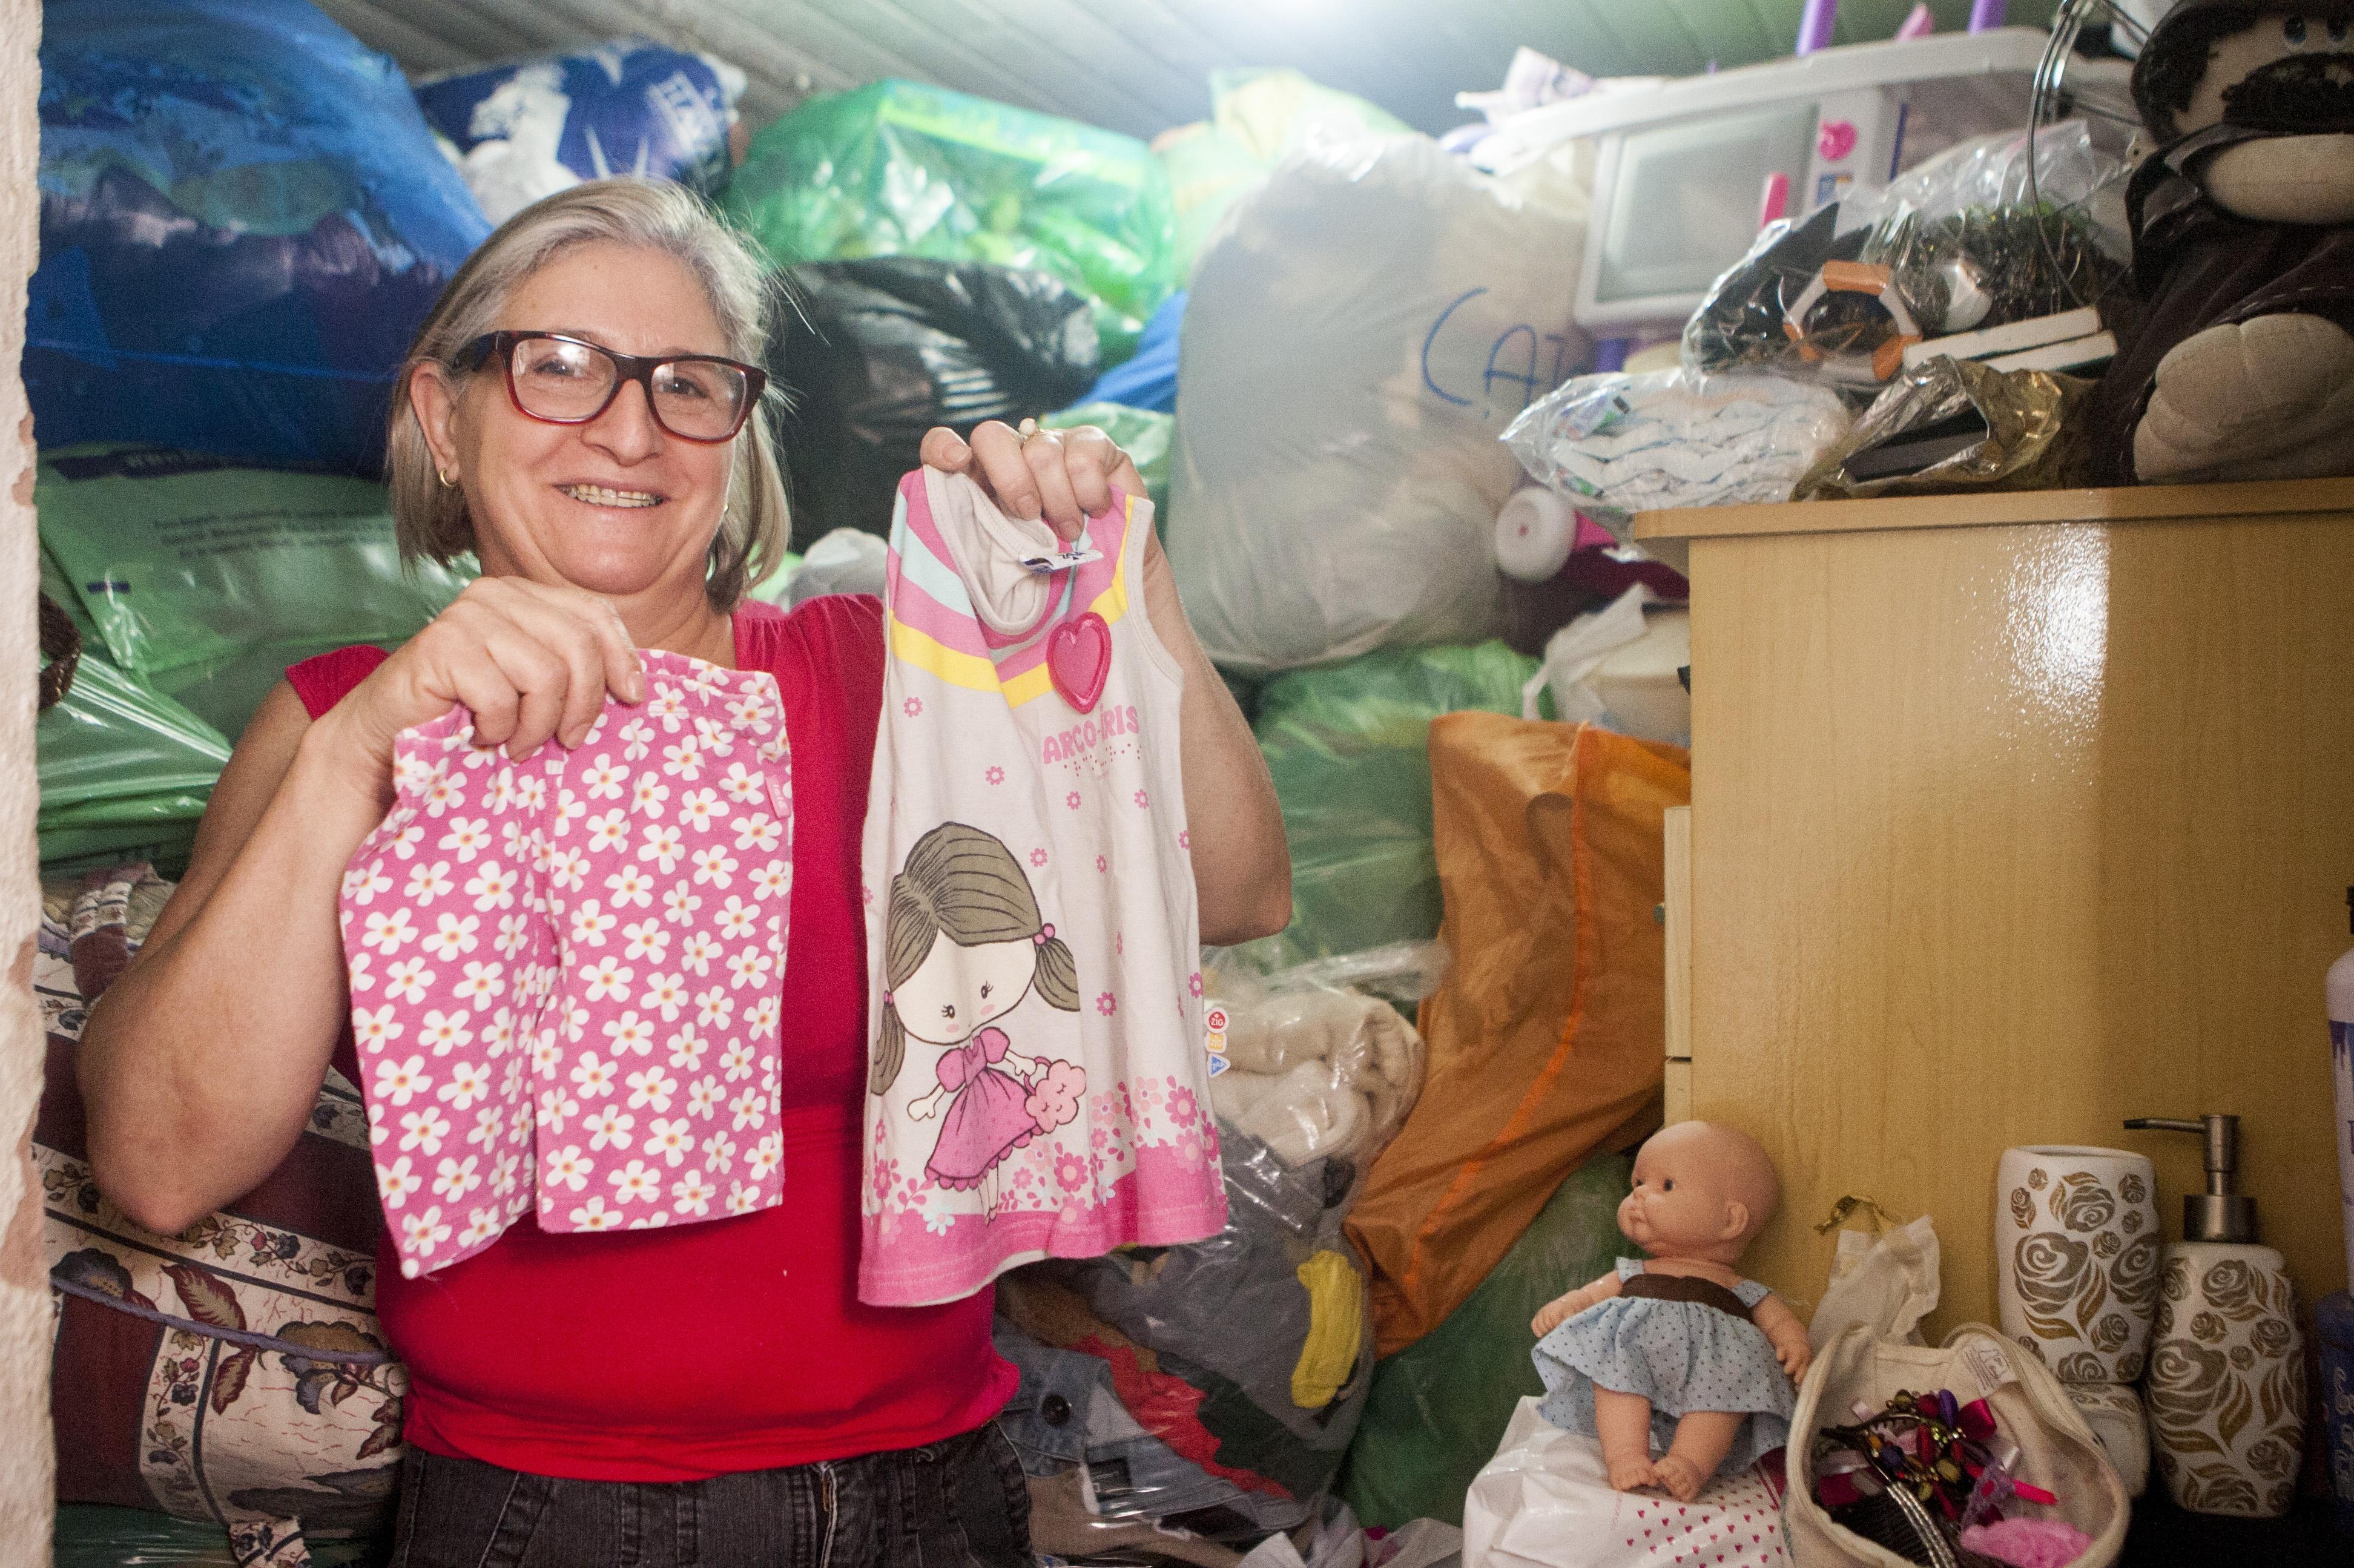 Liane vive em uma casa em São José, de lá, ela arrecada roupas e outras doações para quem mais precisa - Flávio Tin/ND